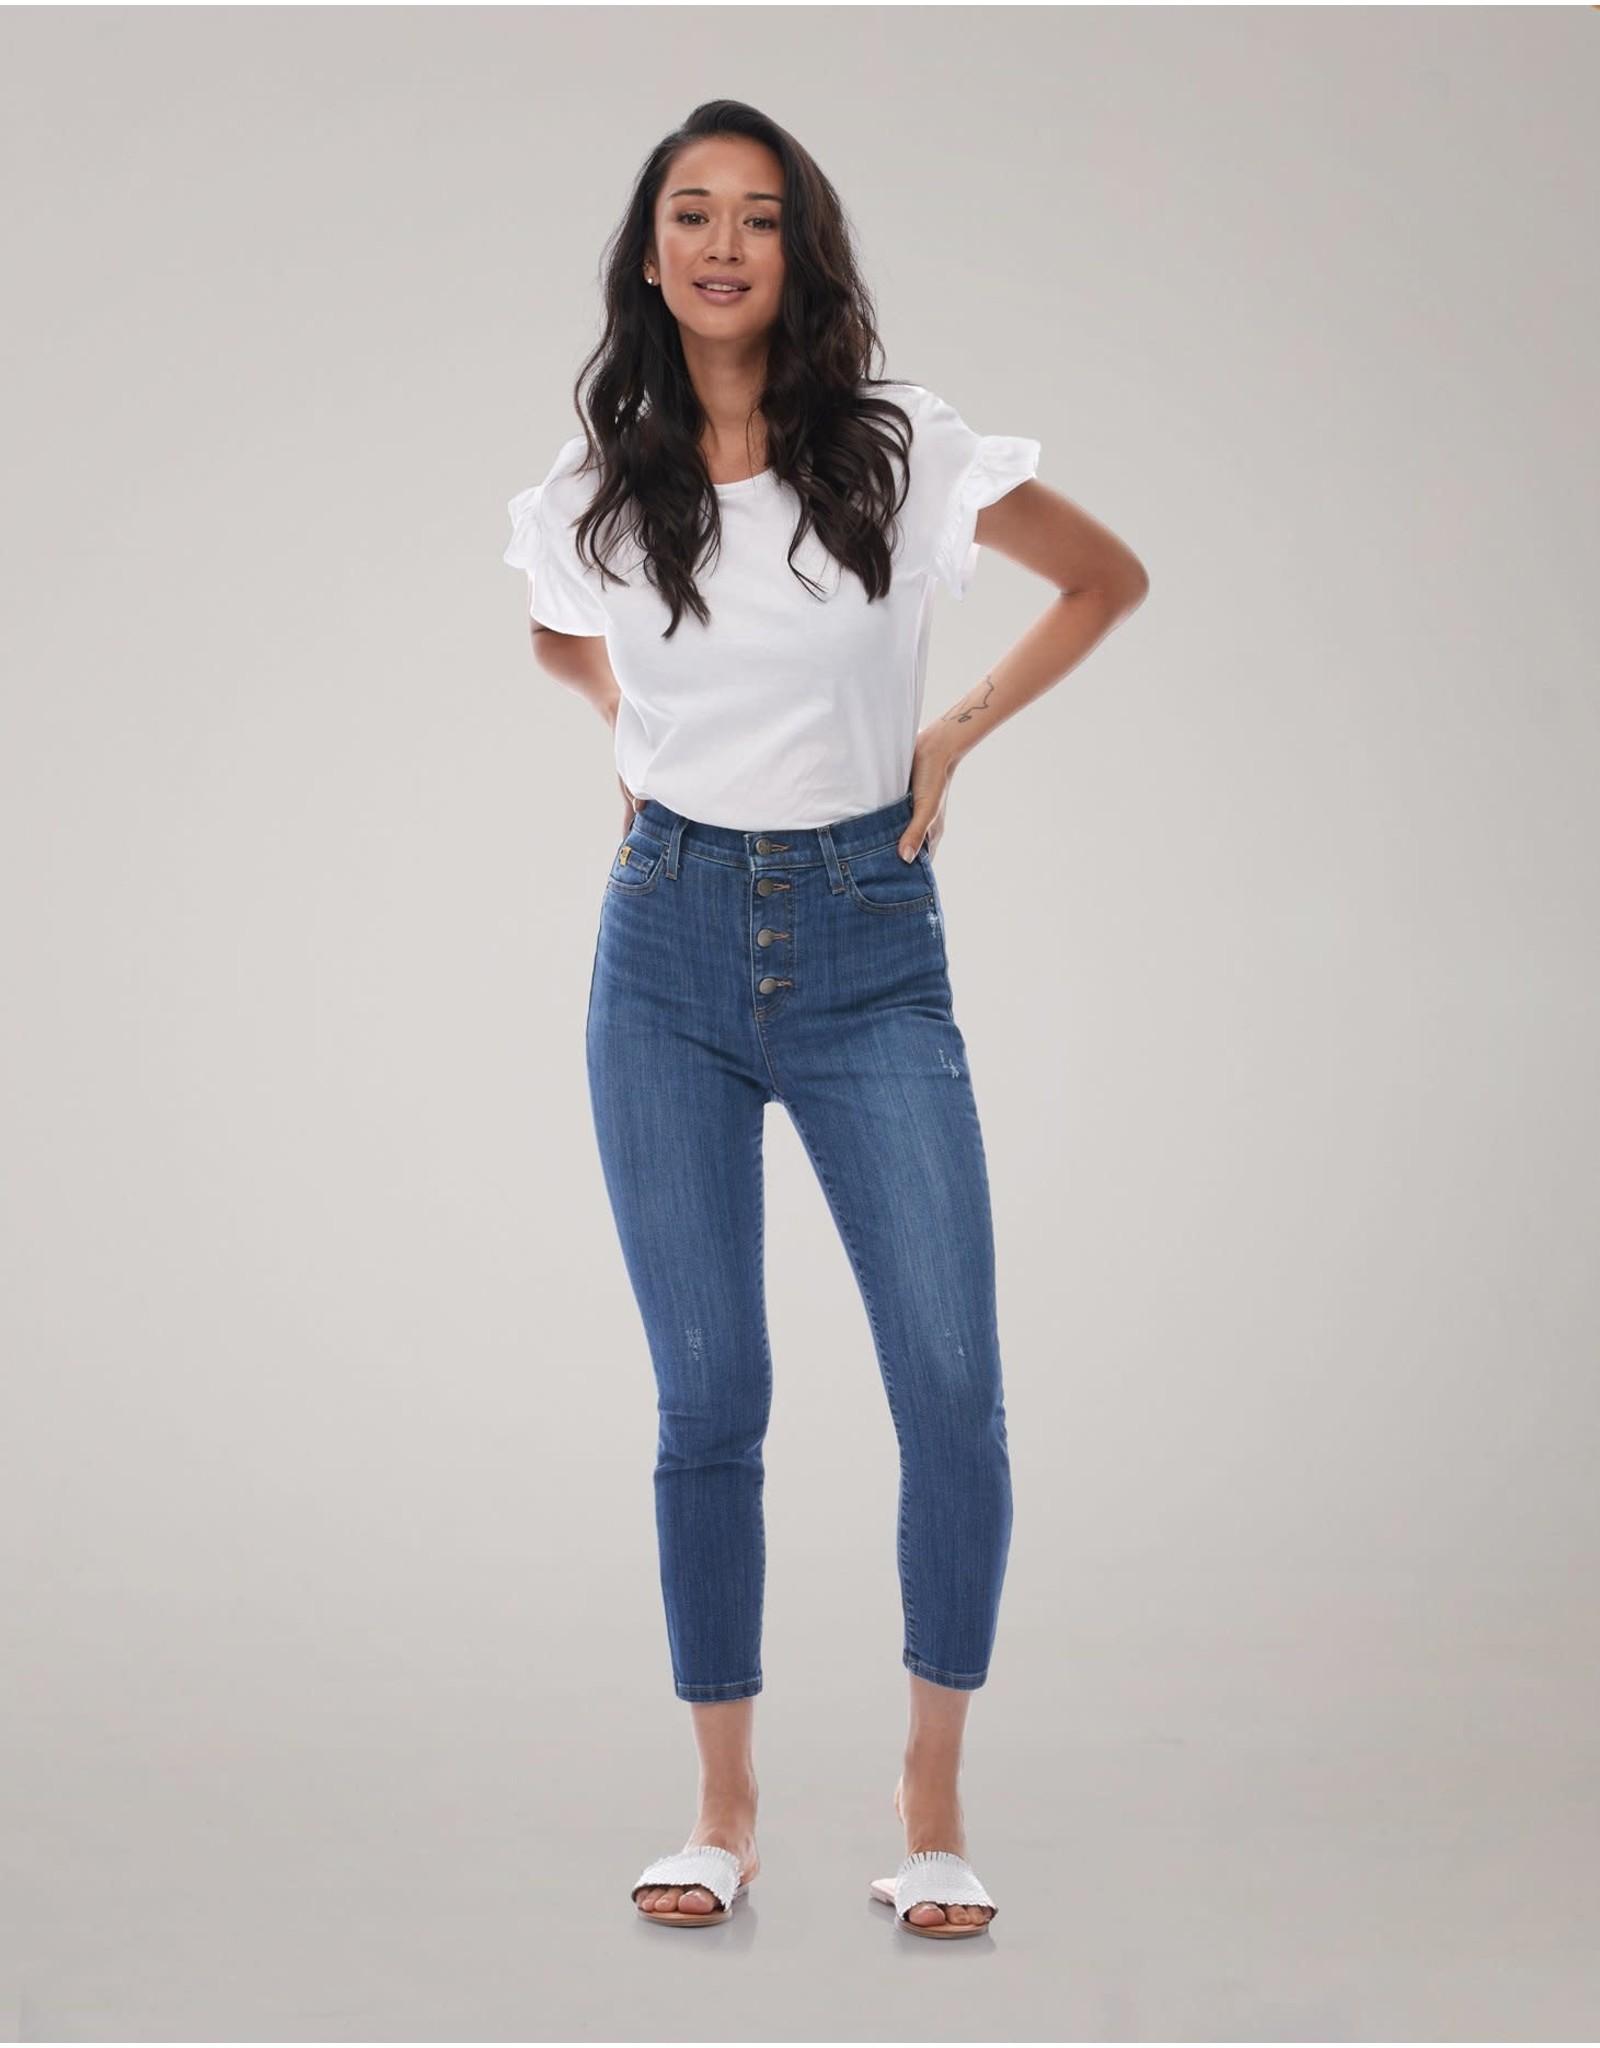 Yoga Jeans 2022CL R25 Rachel